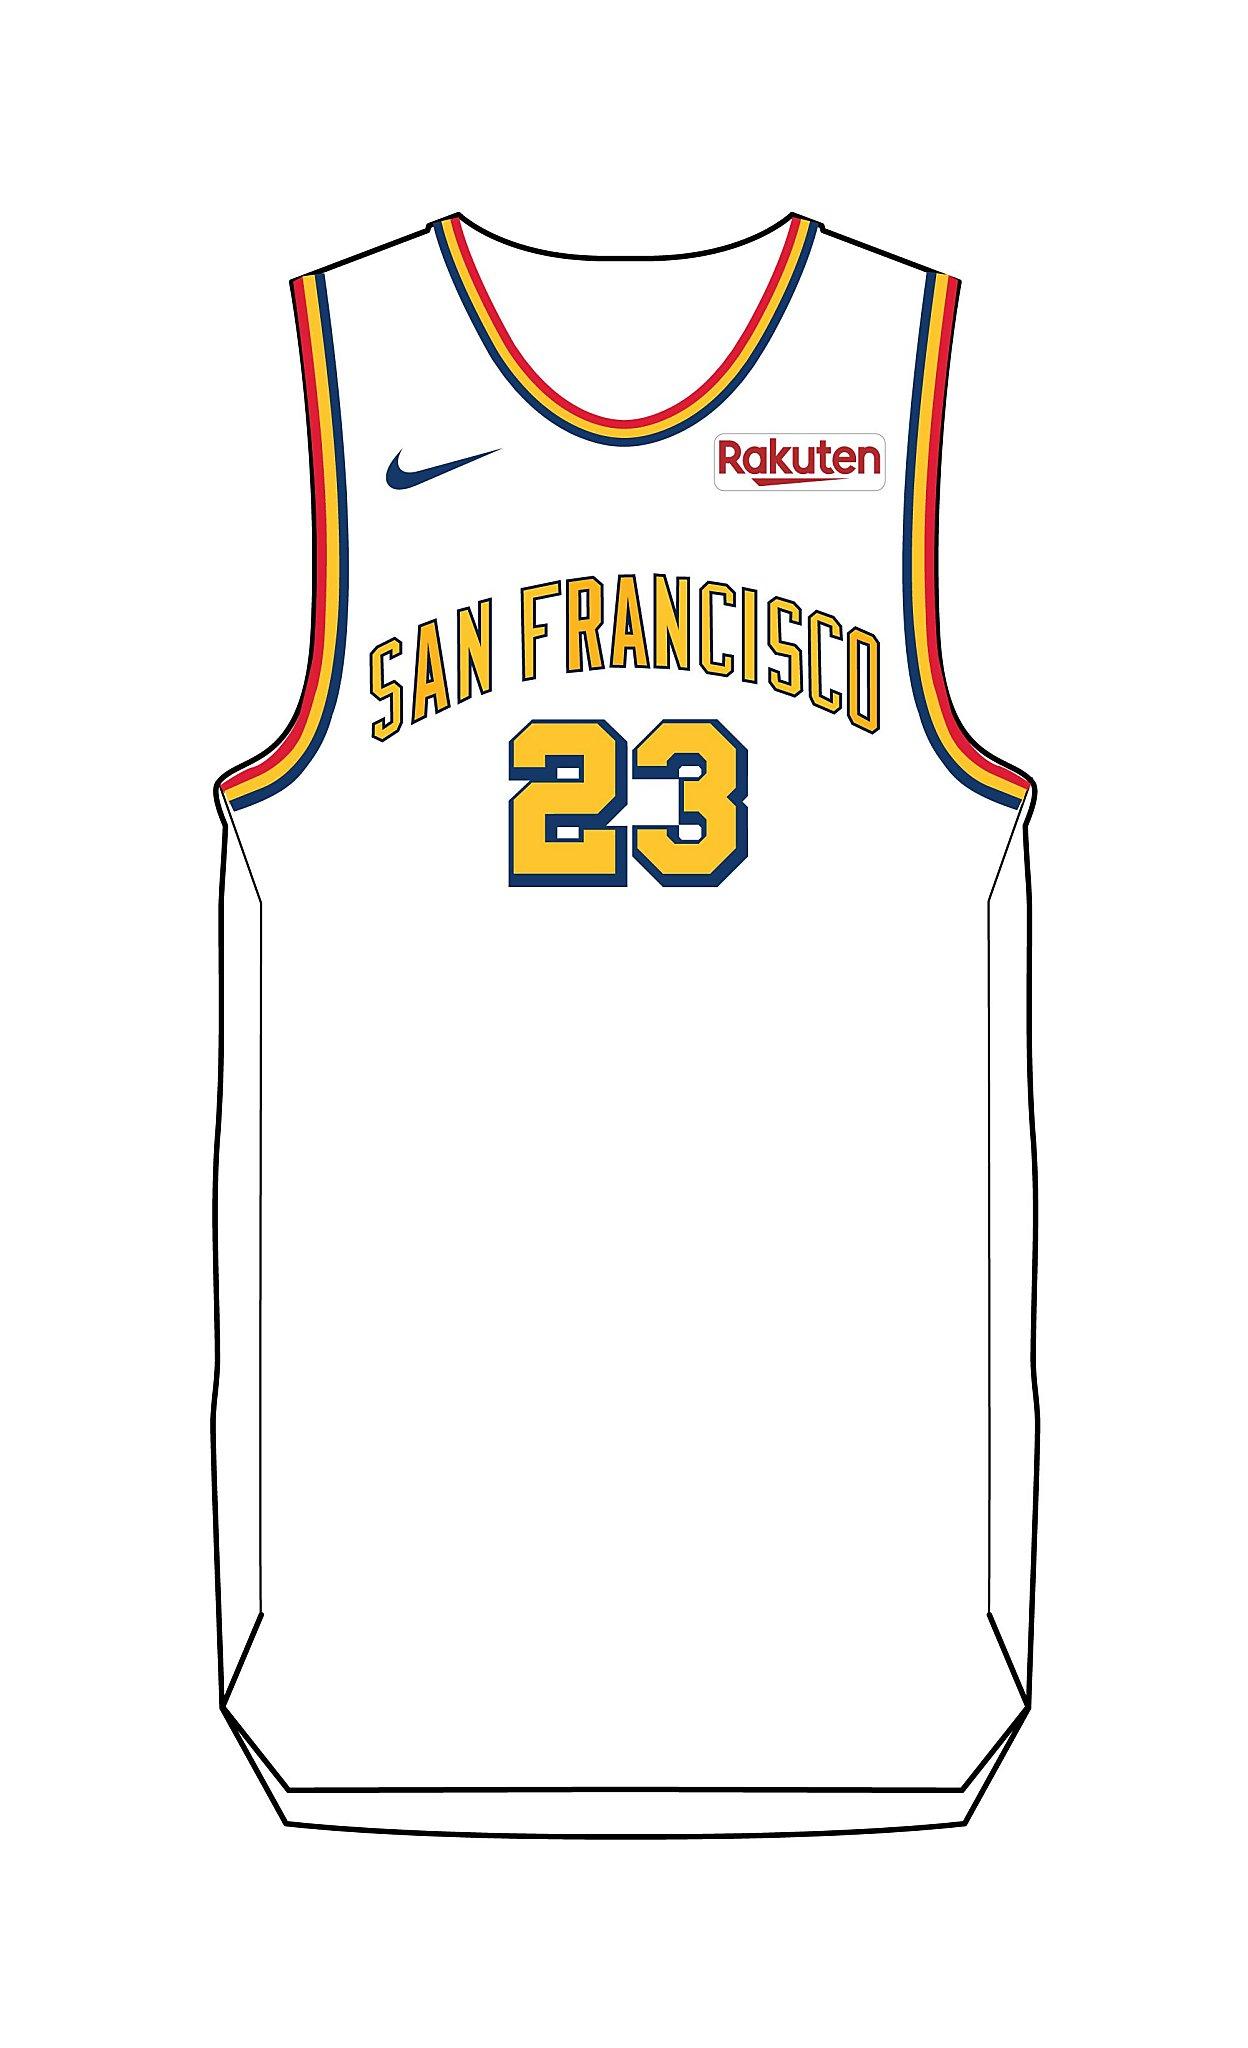 Warriors to wear 'San Francisco' across